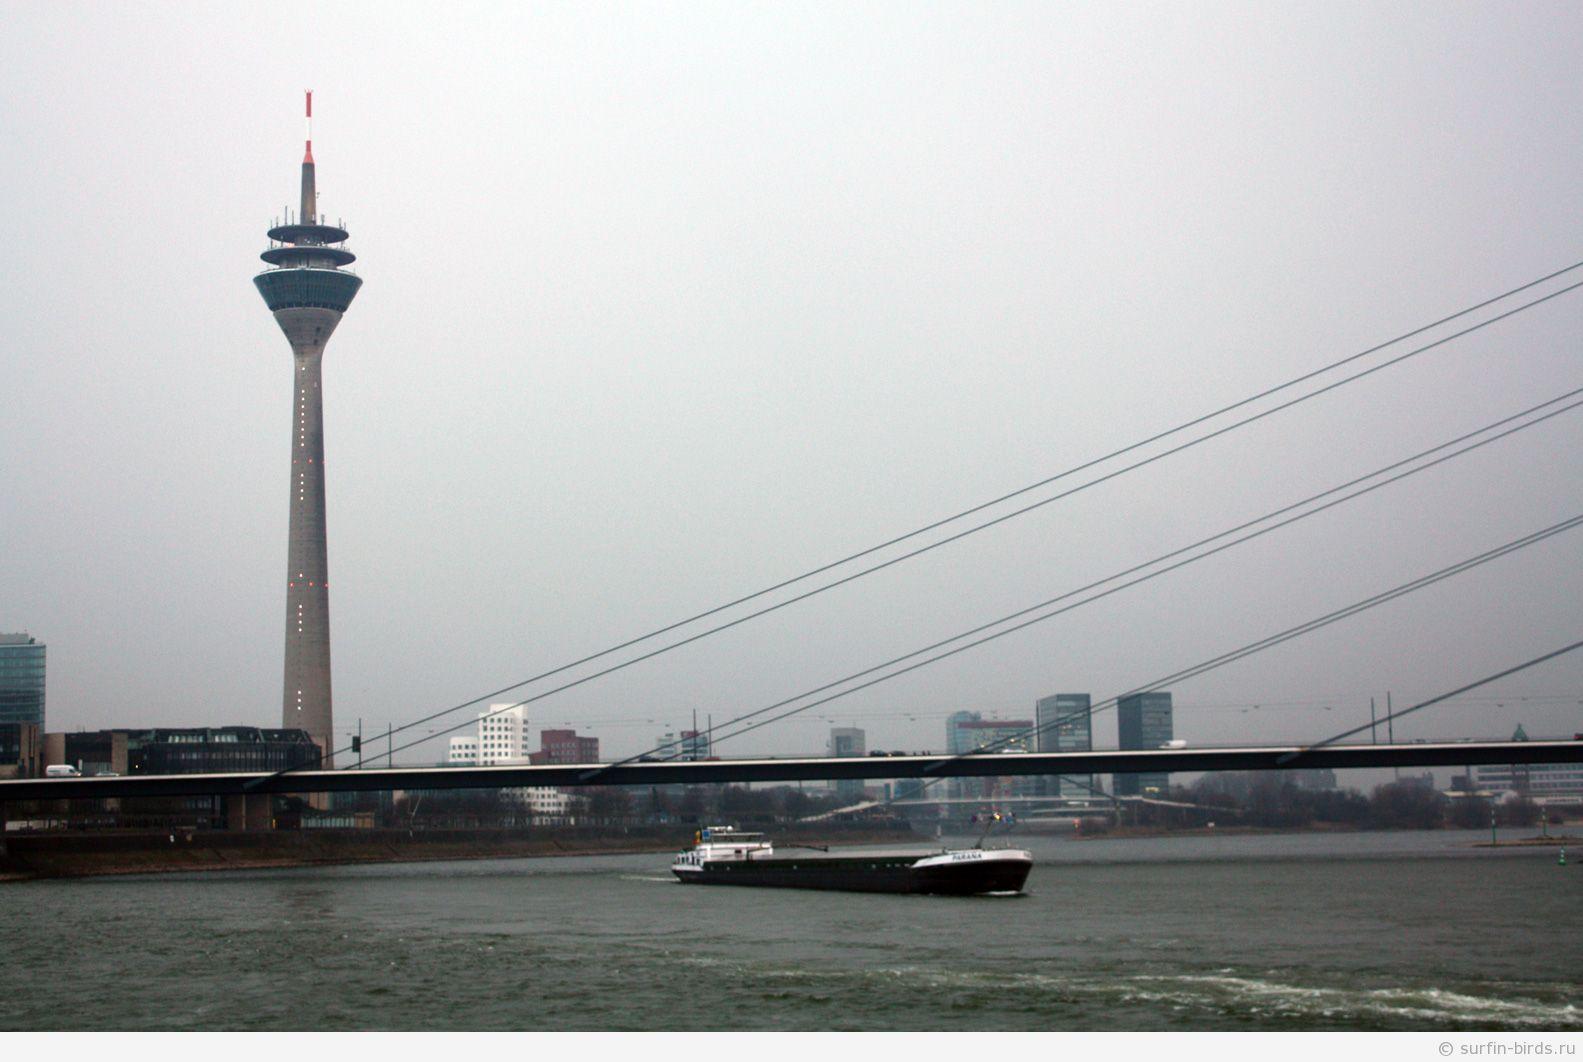 Фотография Дюссельдорфа, Река Рейн